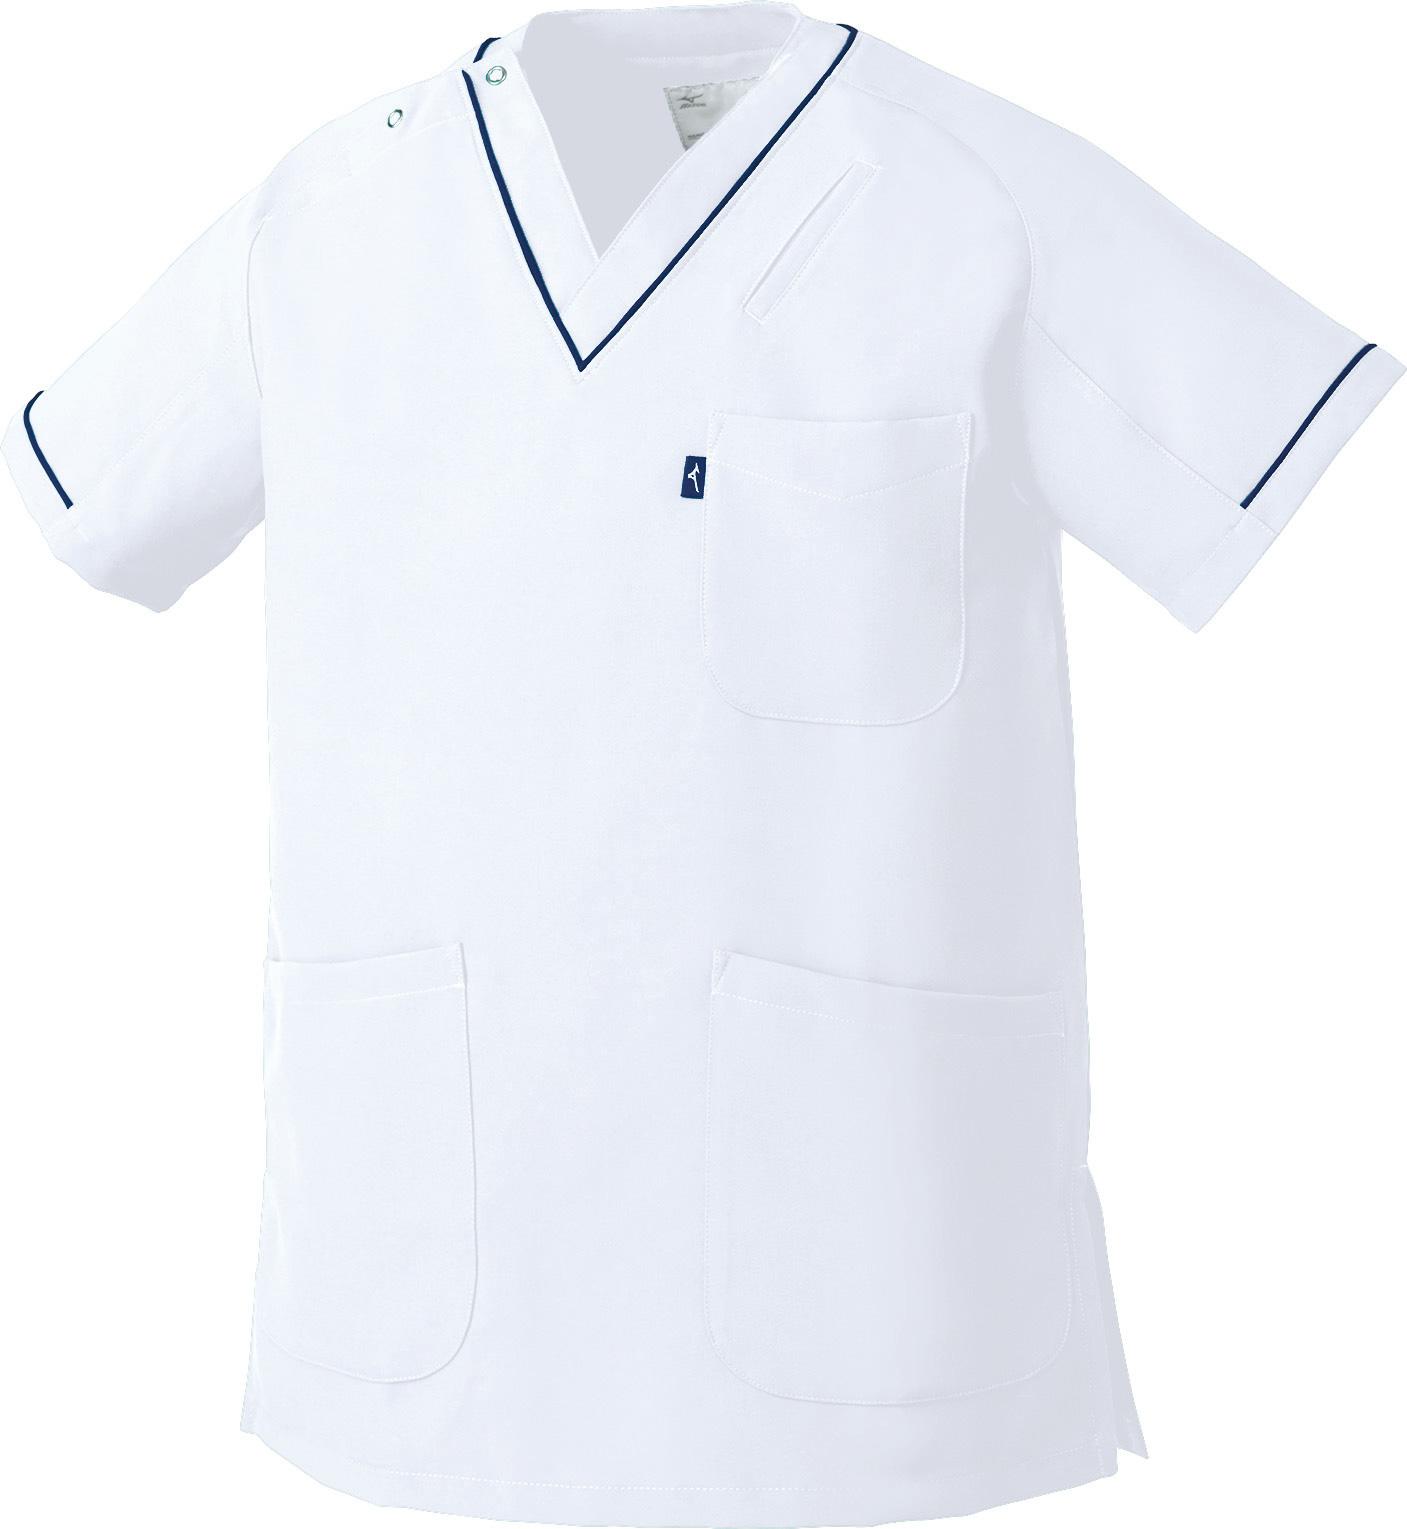 ミズノ スクラブ(男女兼用)販売。刺繍、プリント加工対応します。研修医、医療チームウェアに人気